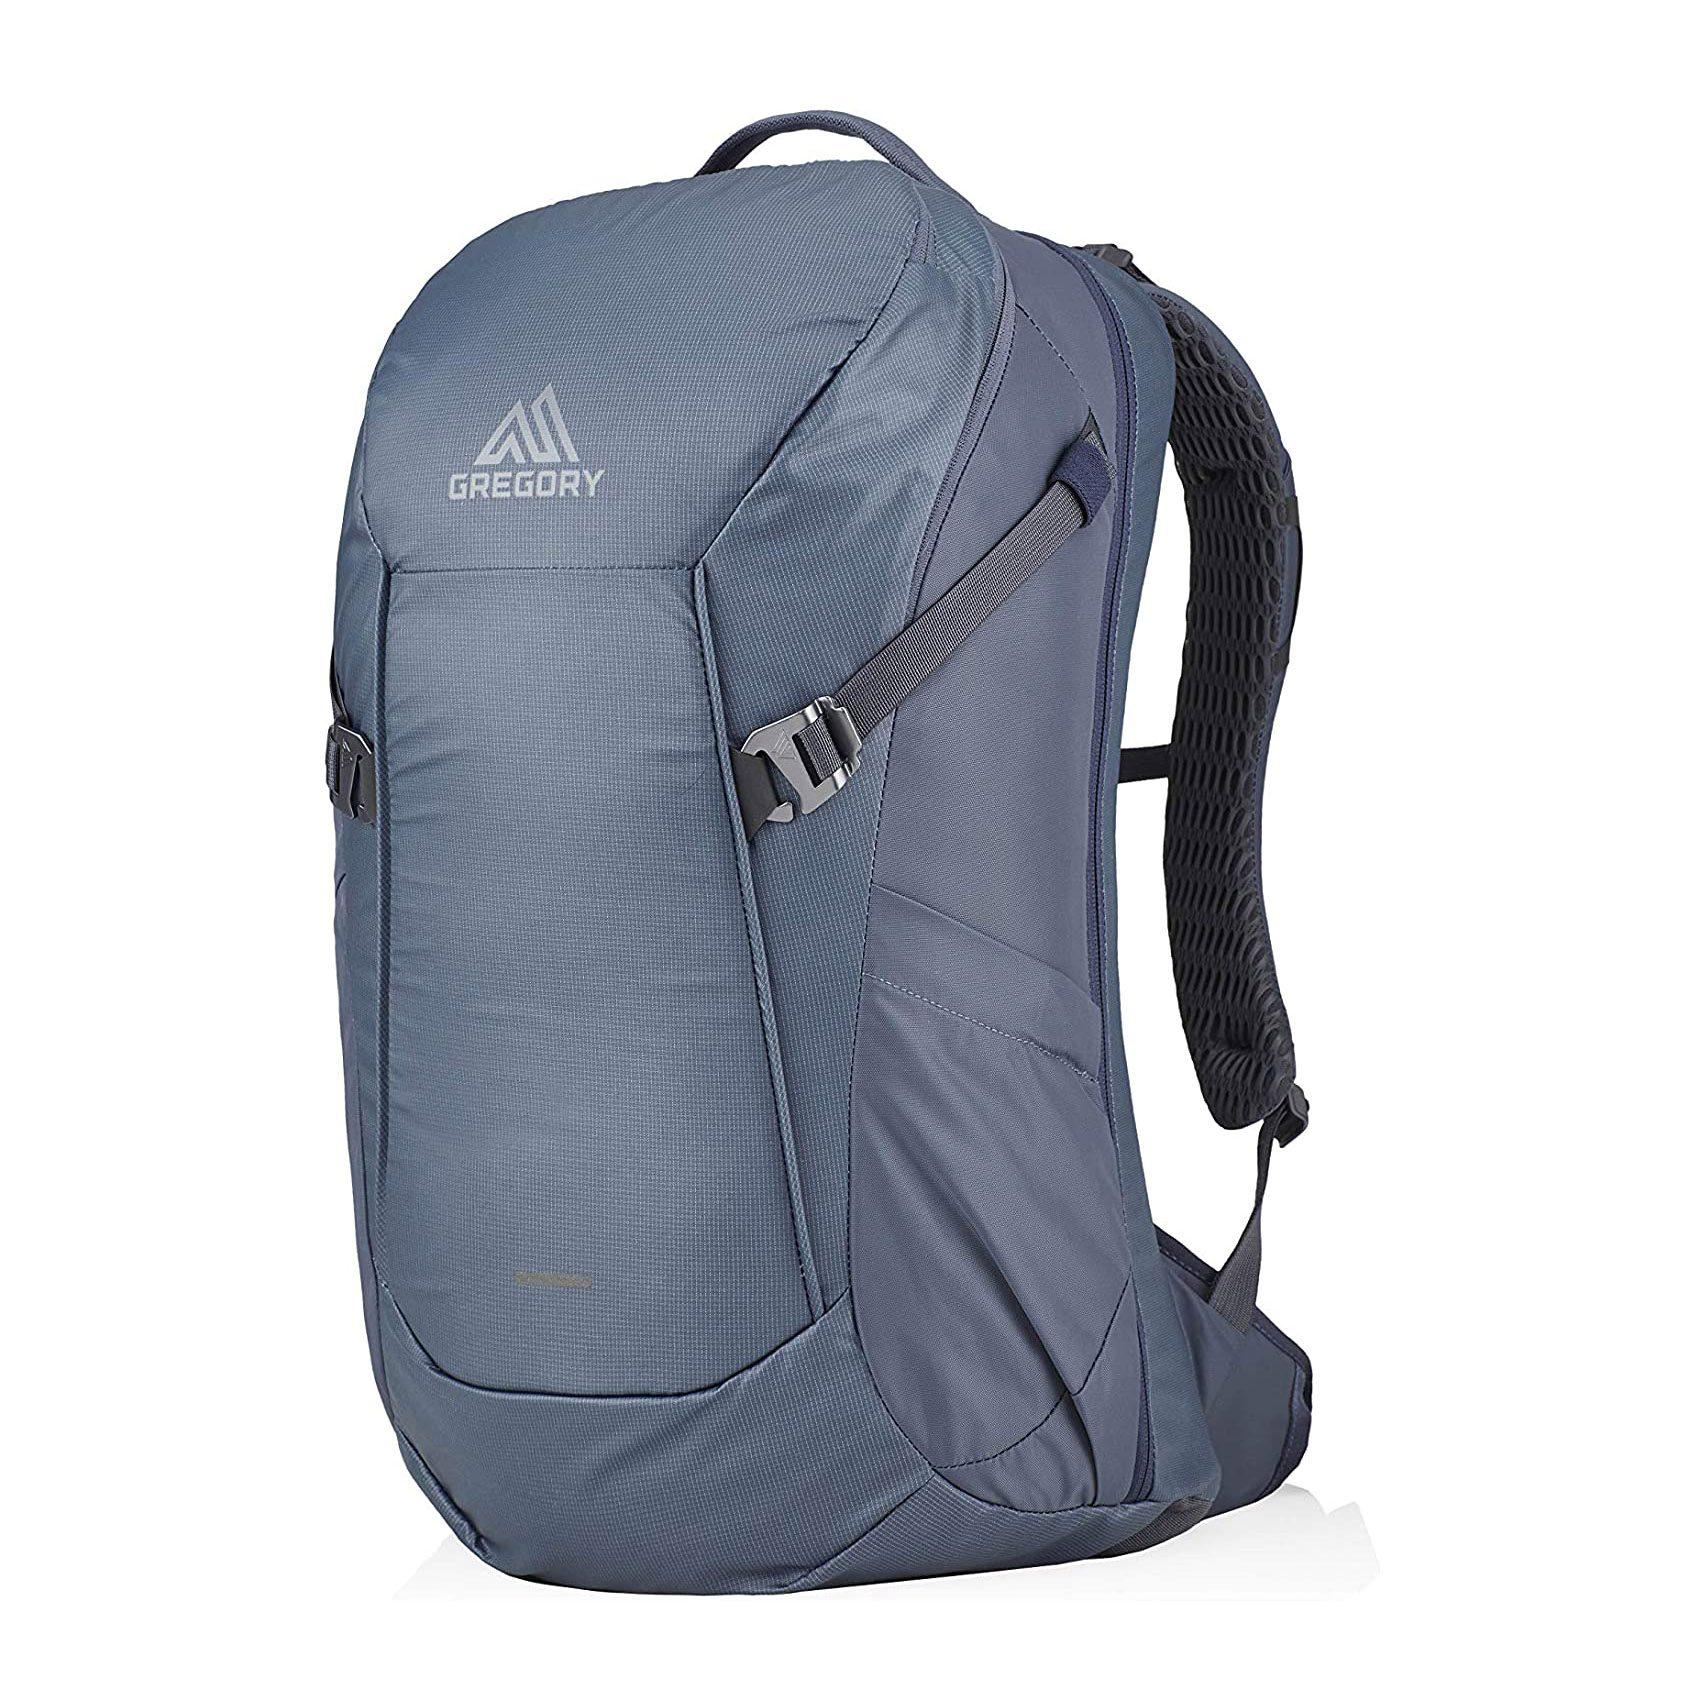 Gregory Juxt 28 Backpack